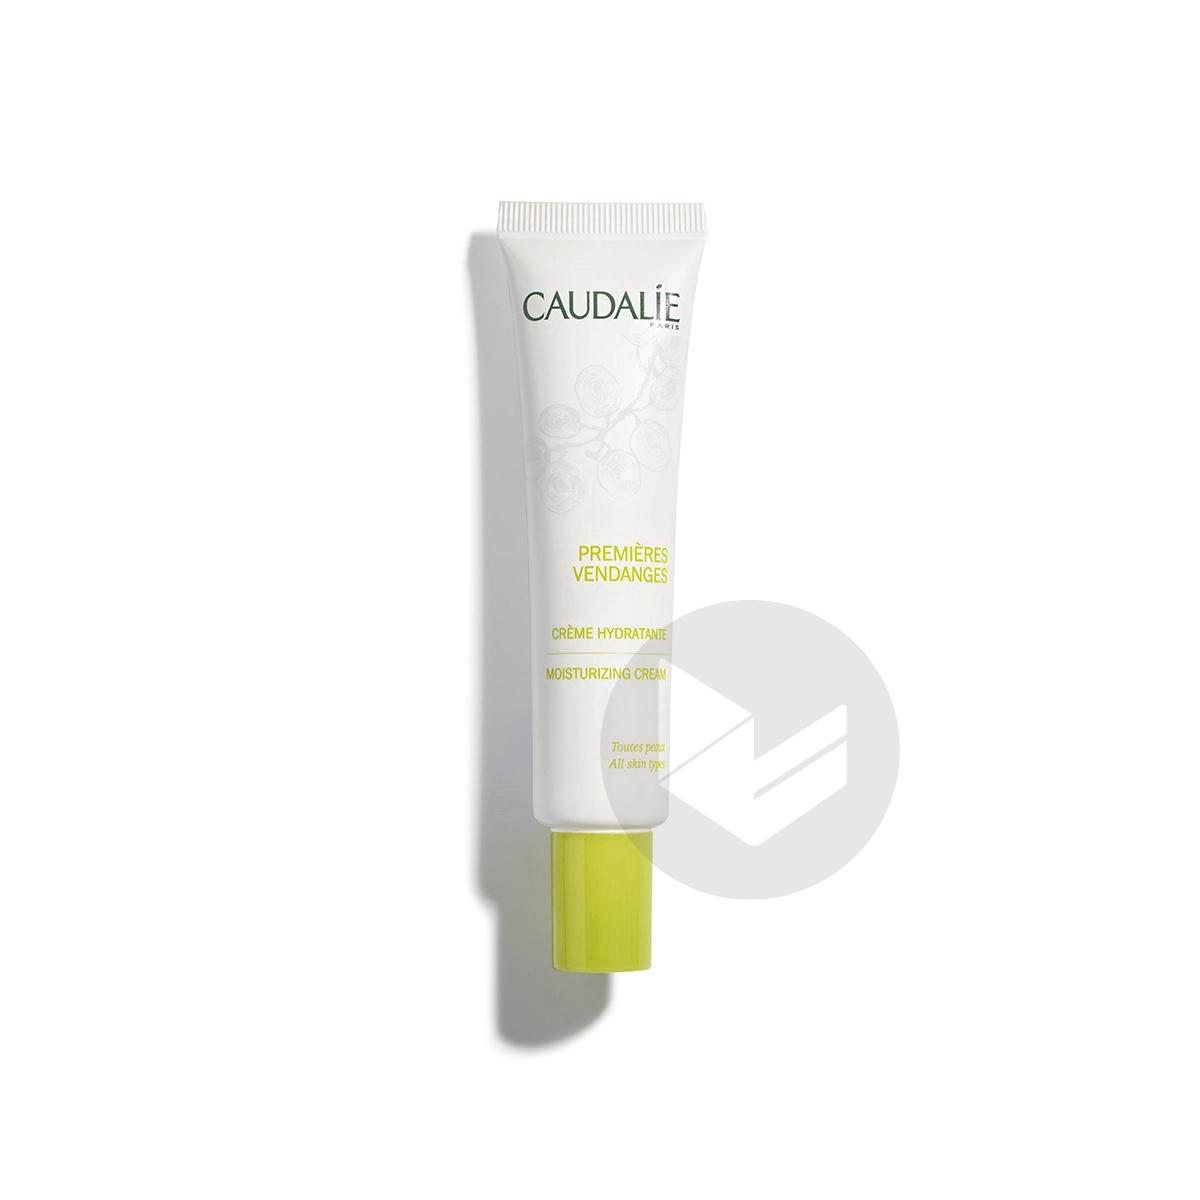 Premières Vendanges Crème Hydratante 40ml